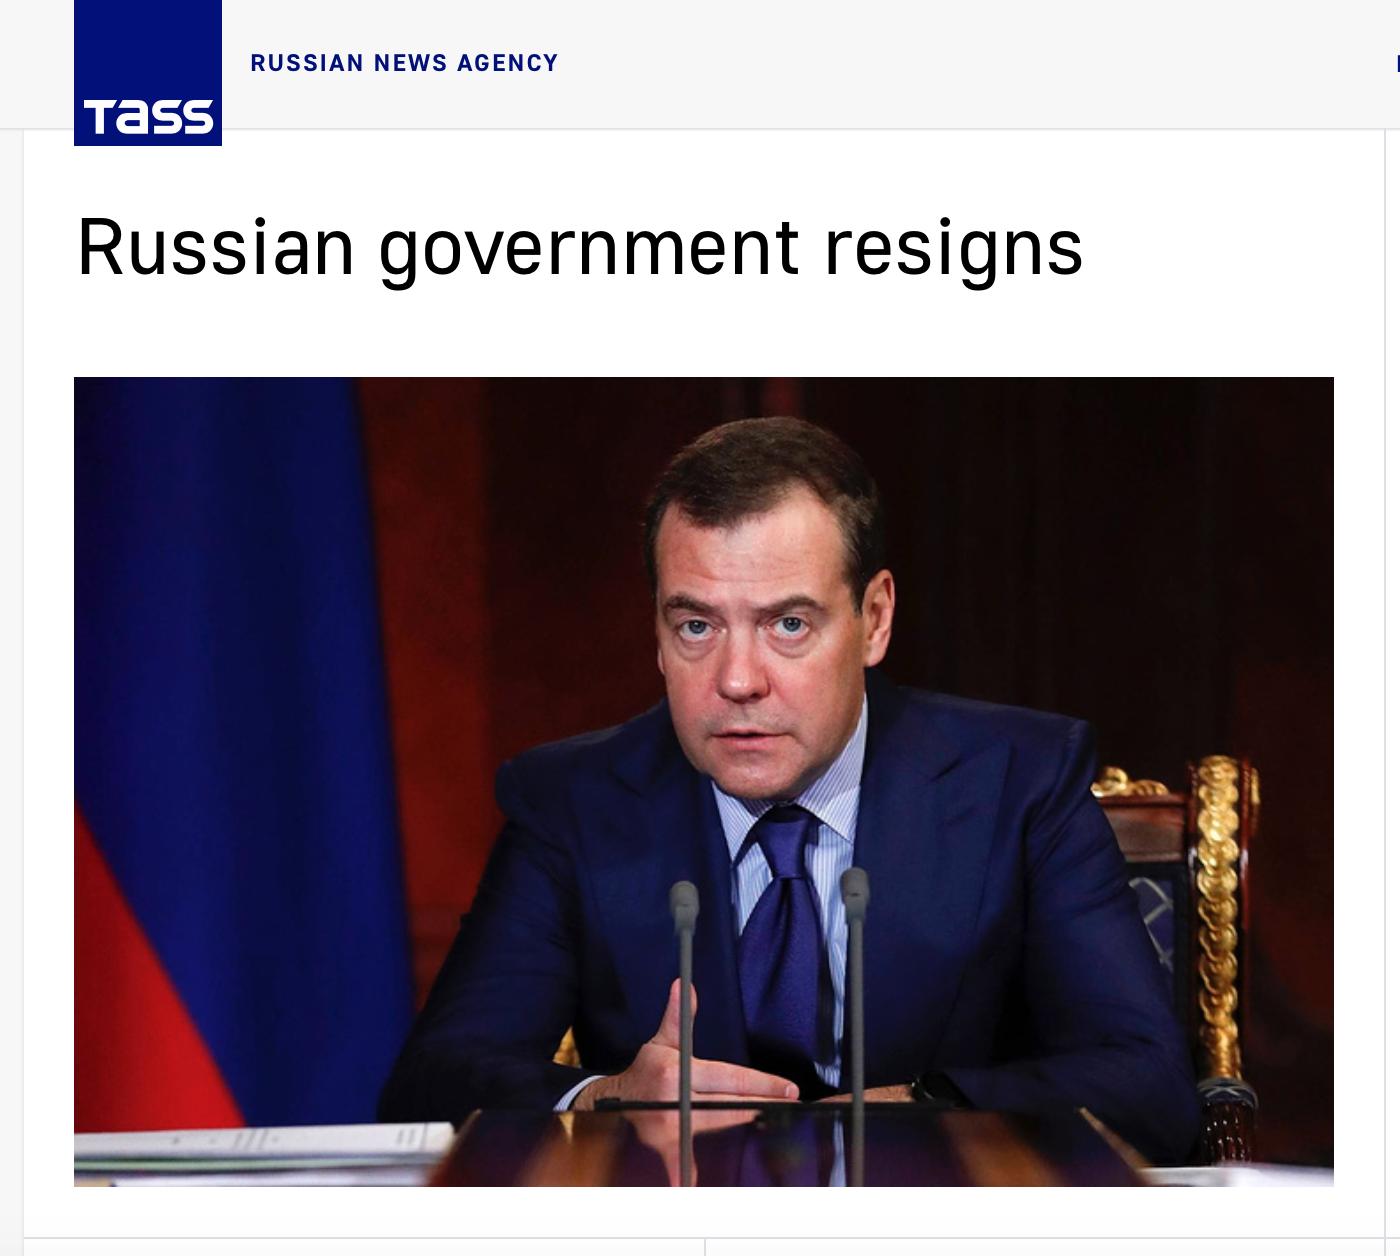 俄罗斯政府集体辞职。图片截自塔斯社